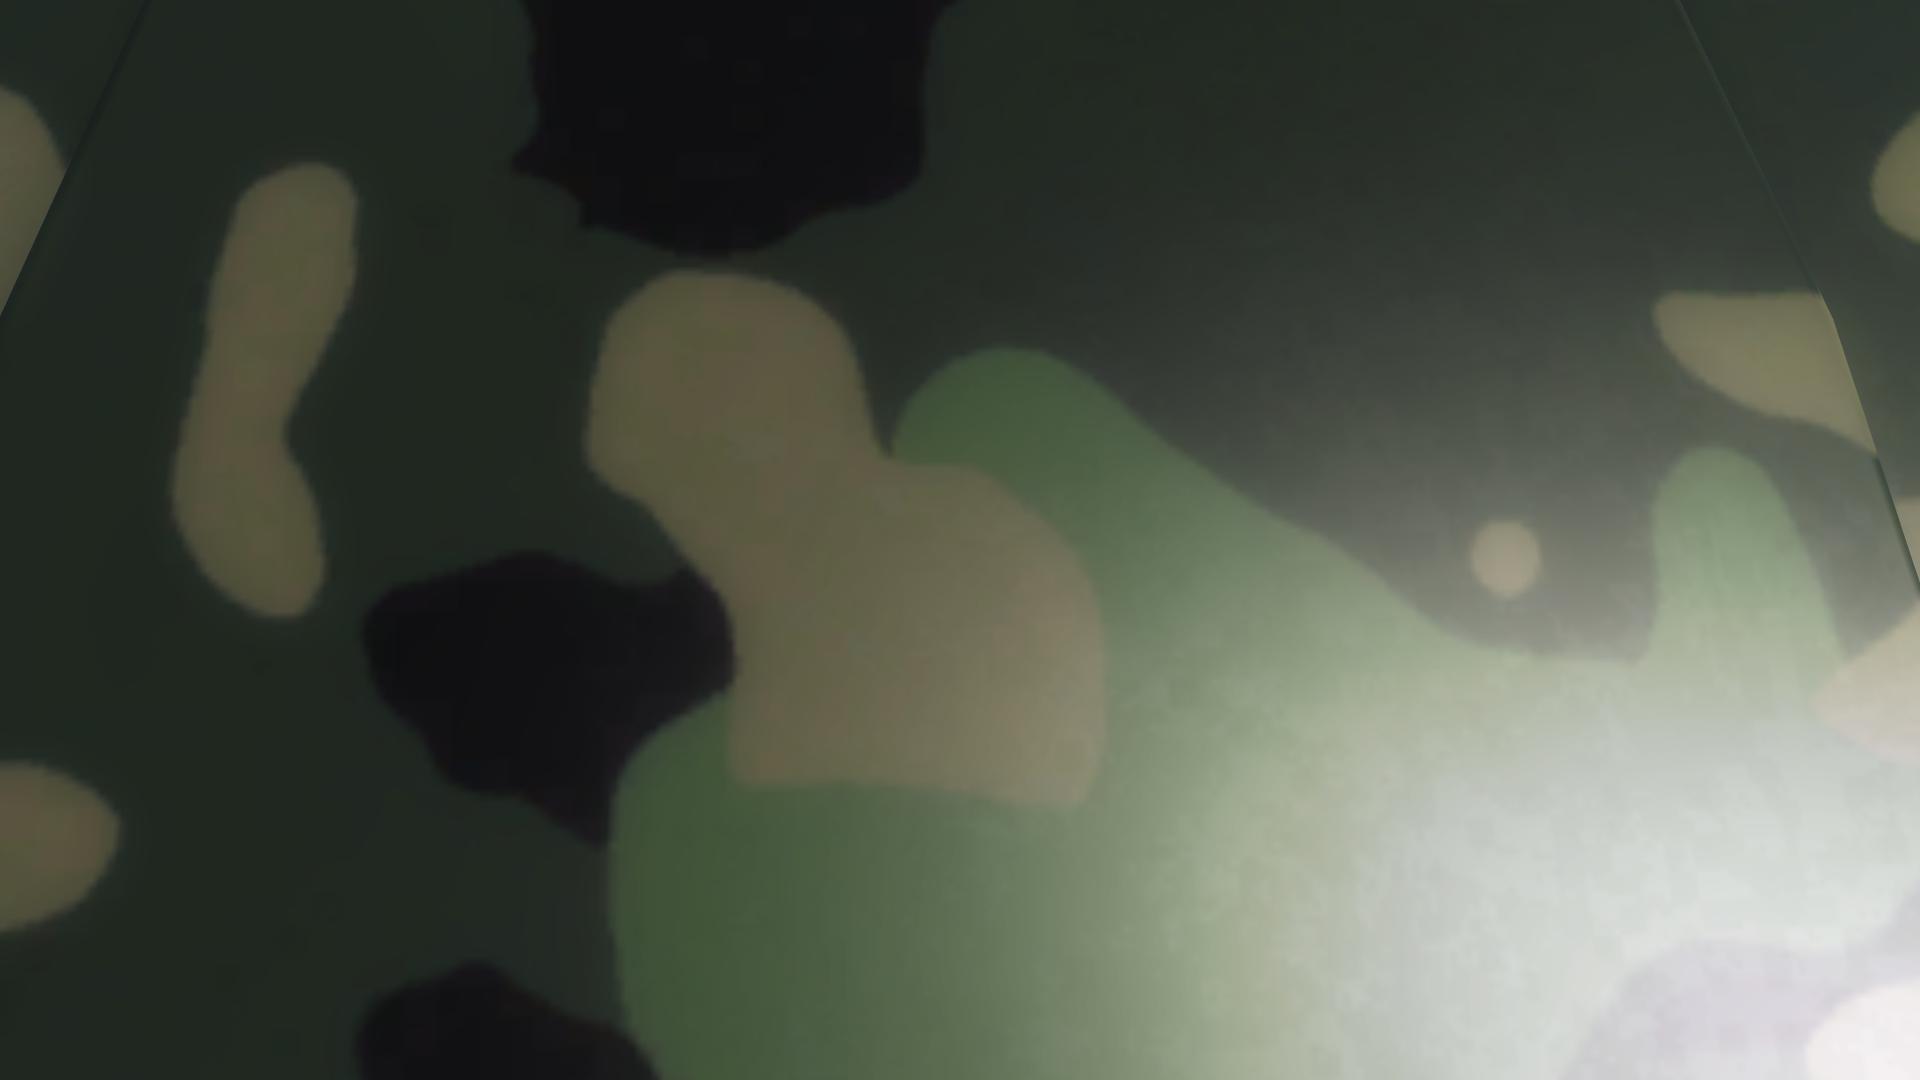 ACTUALIZACIÓN DE ESTADO 19/09/2018 The-Hunter-Screenshot-2018.09.19-09.36.17.71